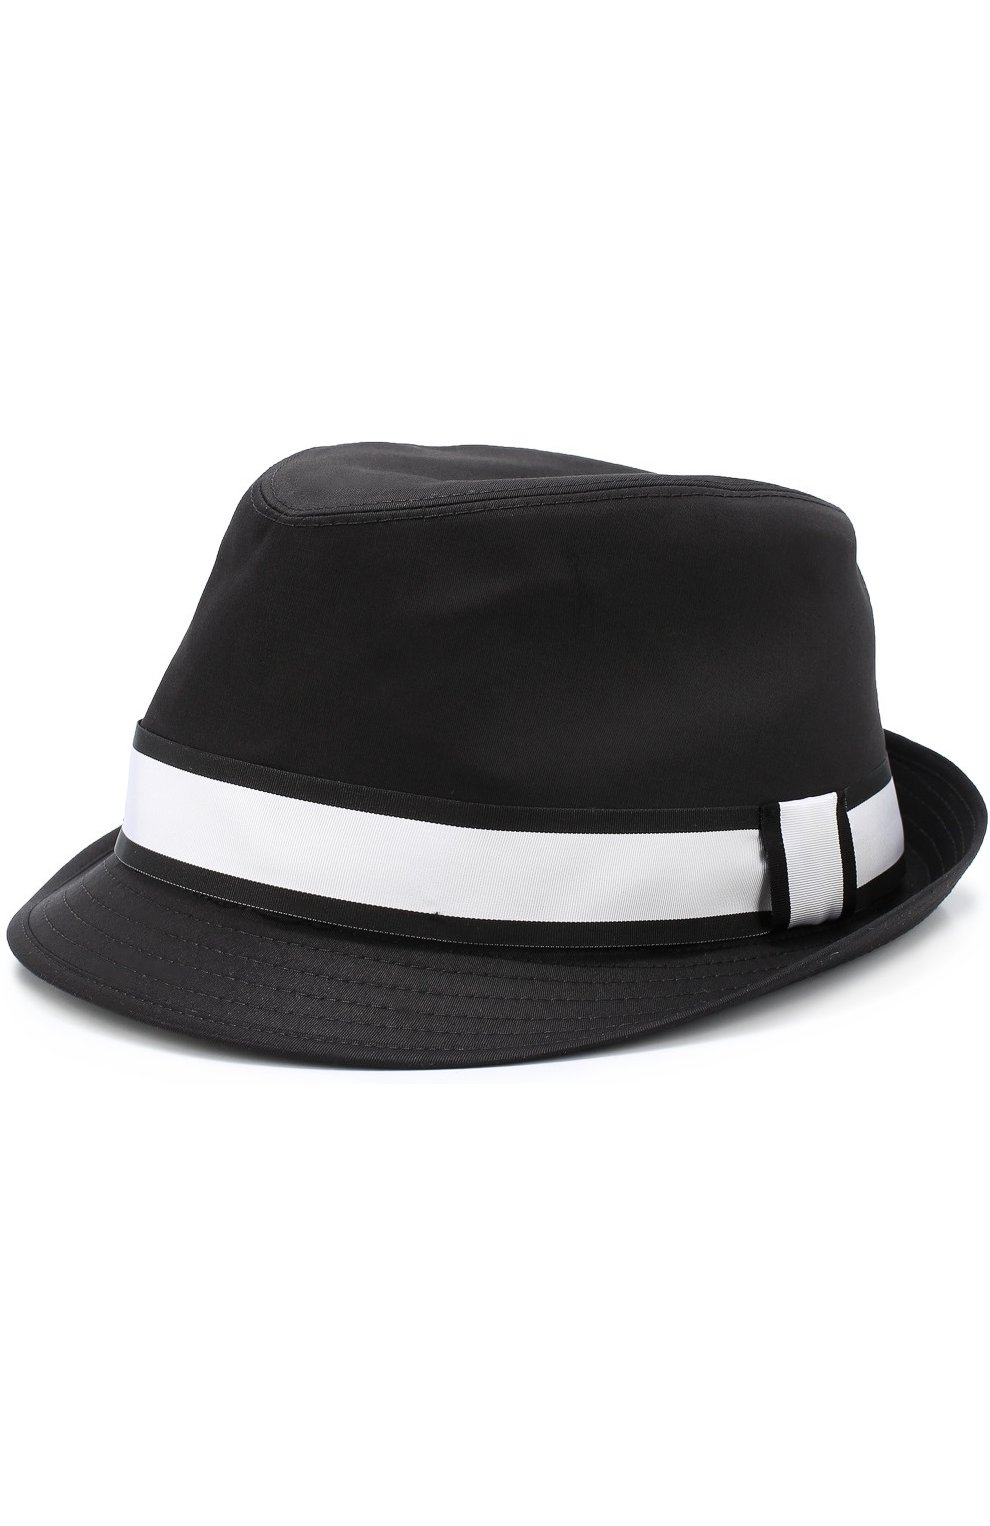 Хлопковая шляпа-федора с контрастной лентой | Фото №1